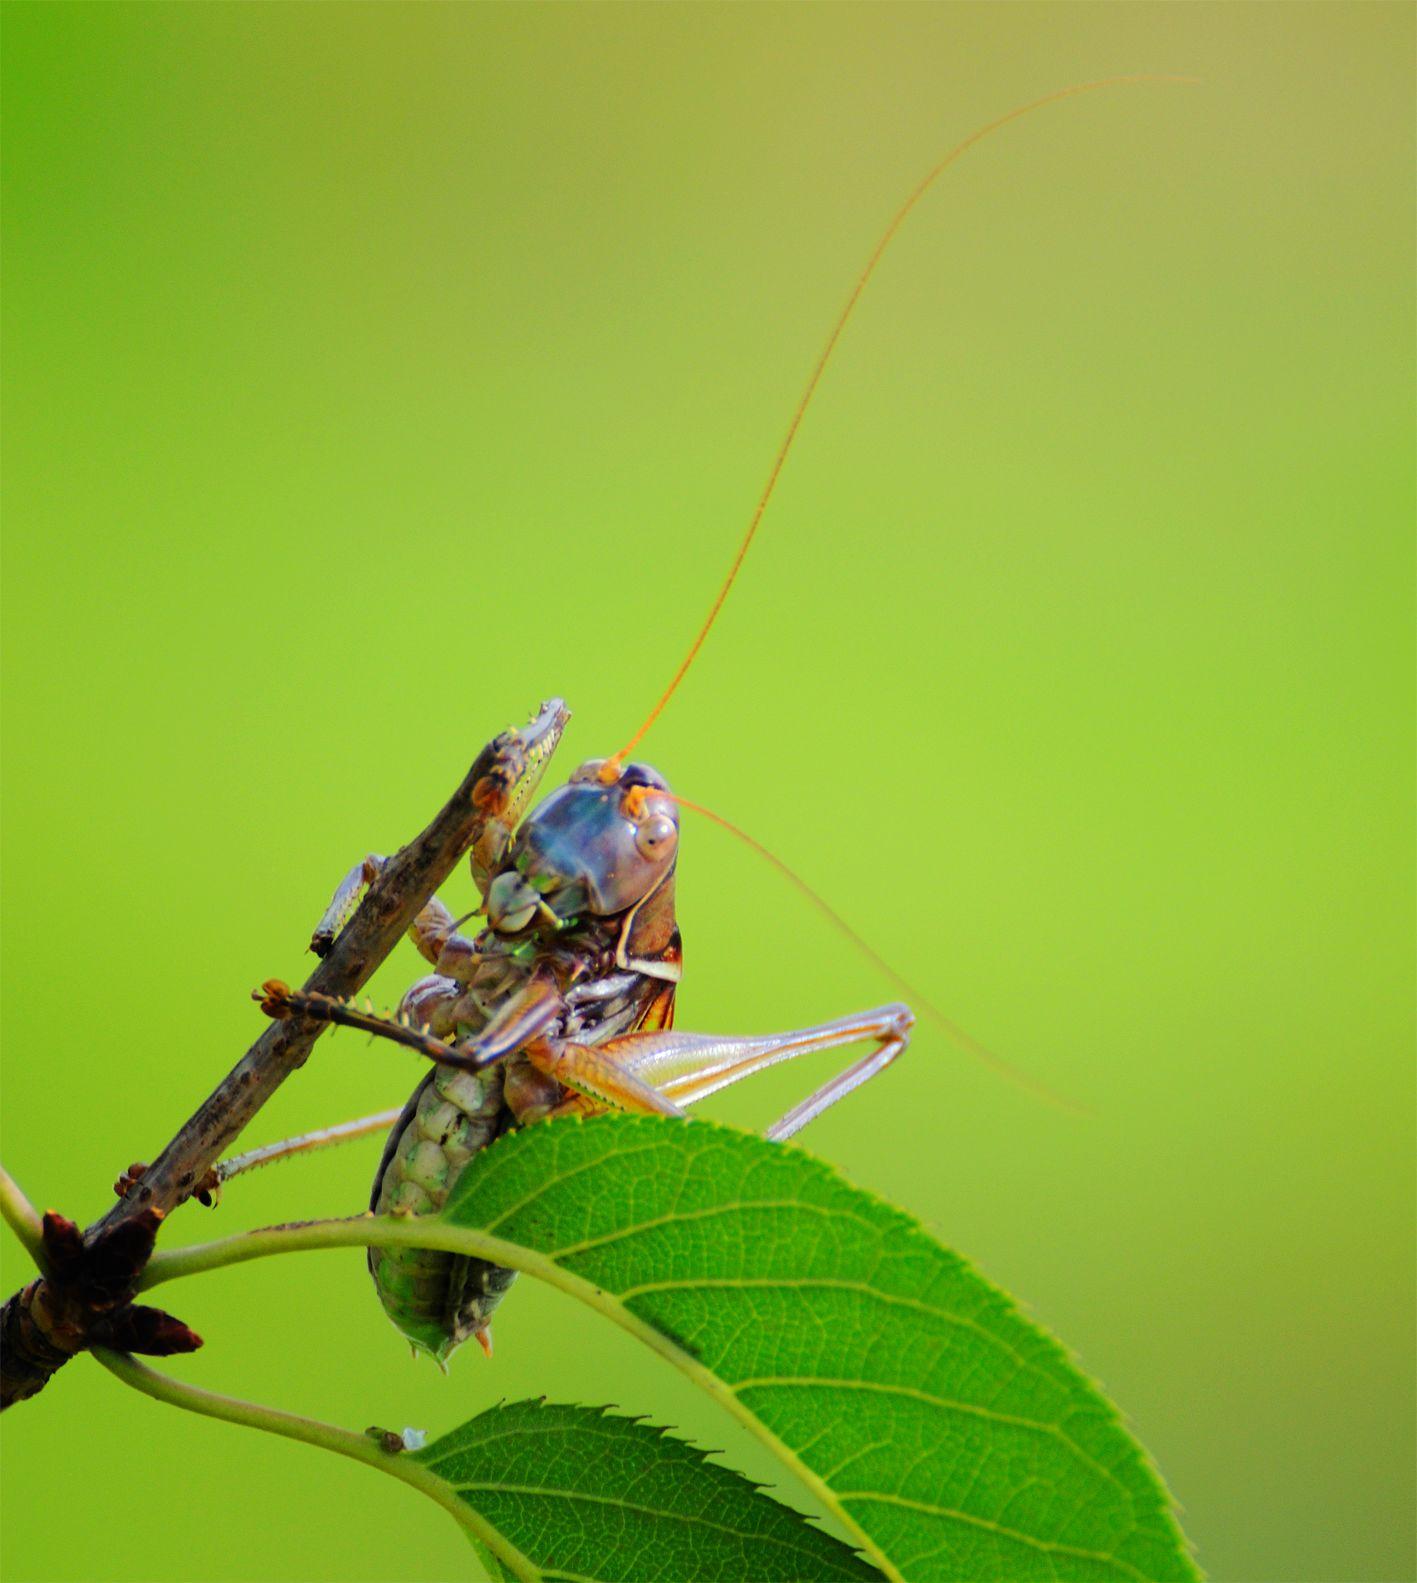 昆虫腹部结构图